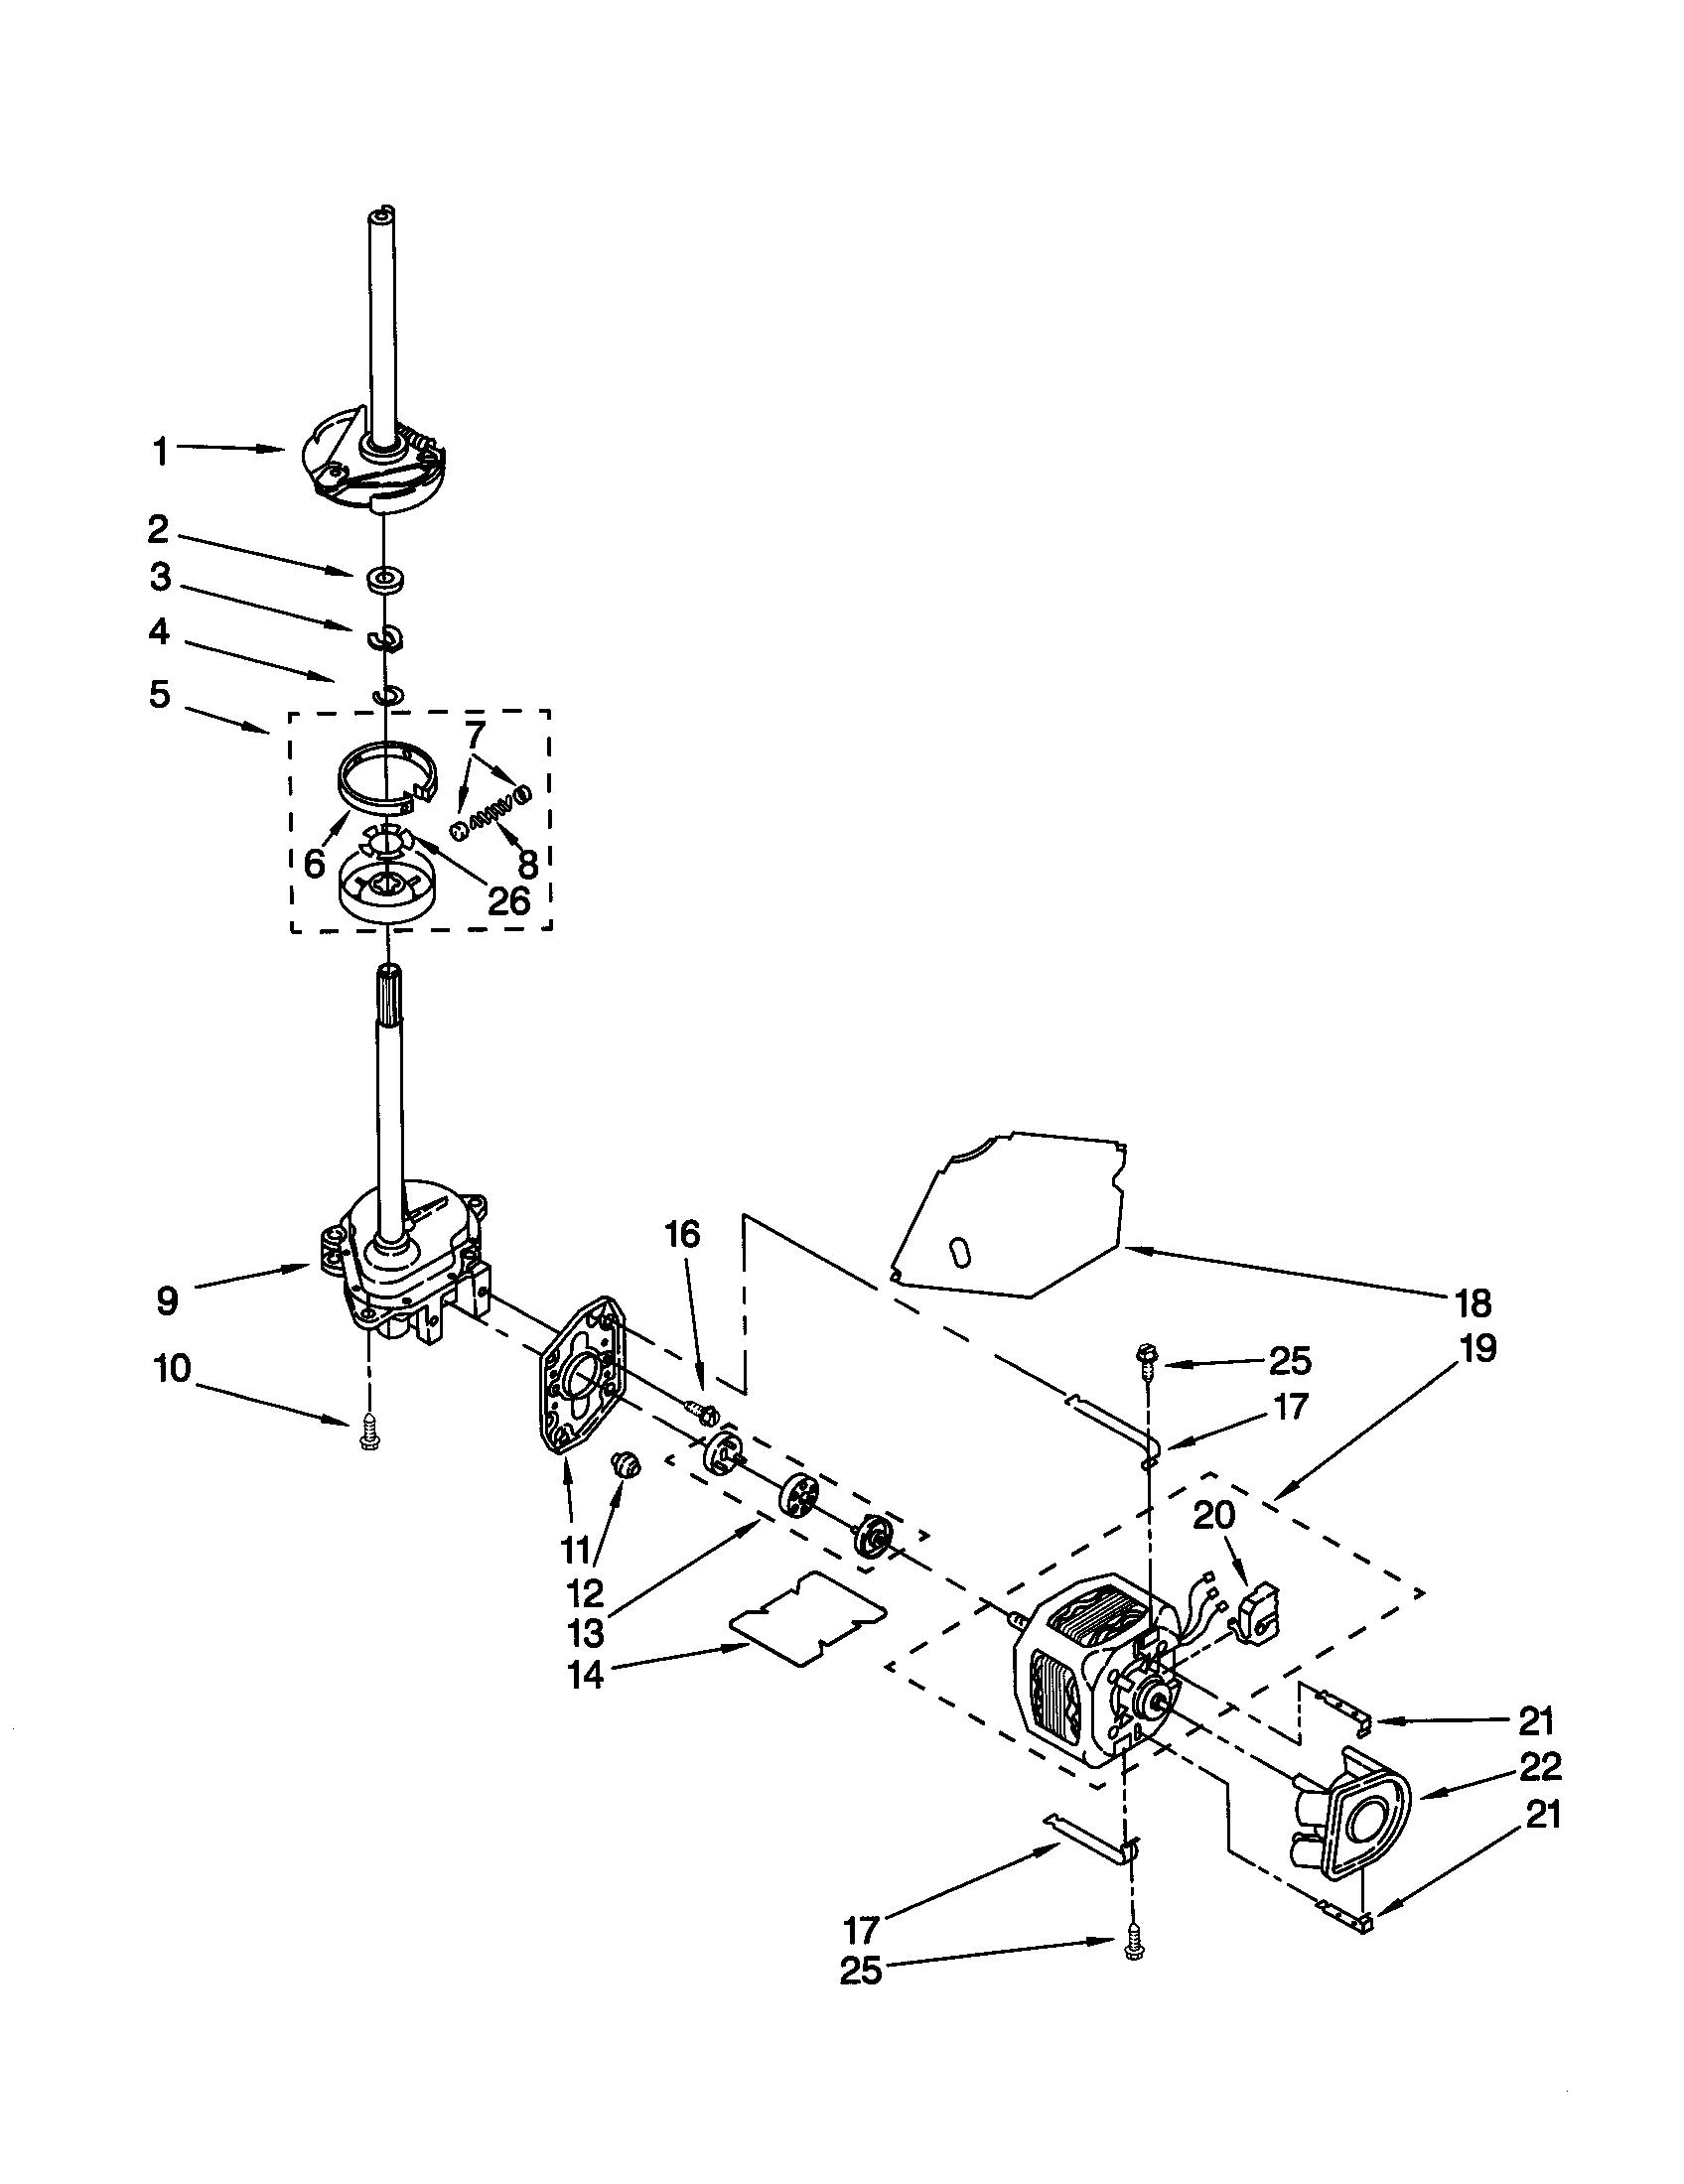 Kenmore 110 Water Drain Pump